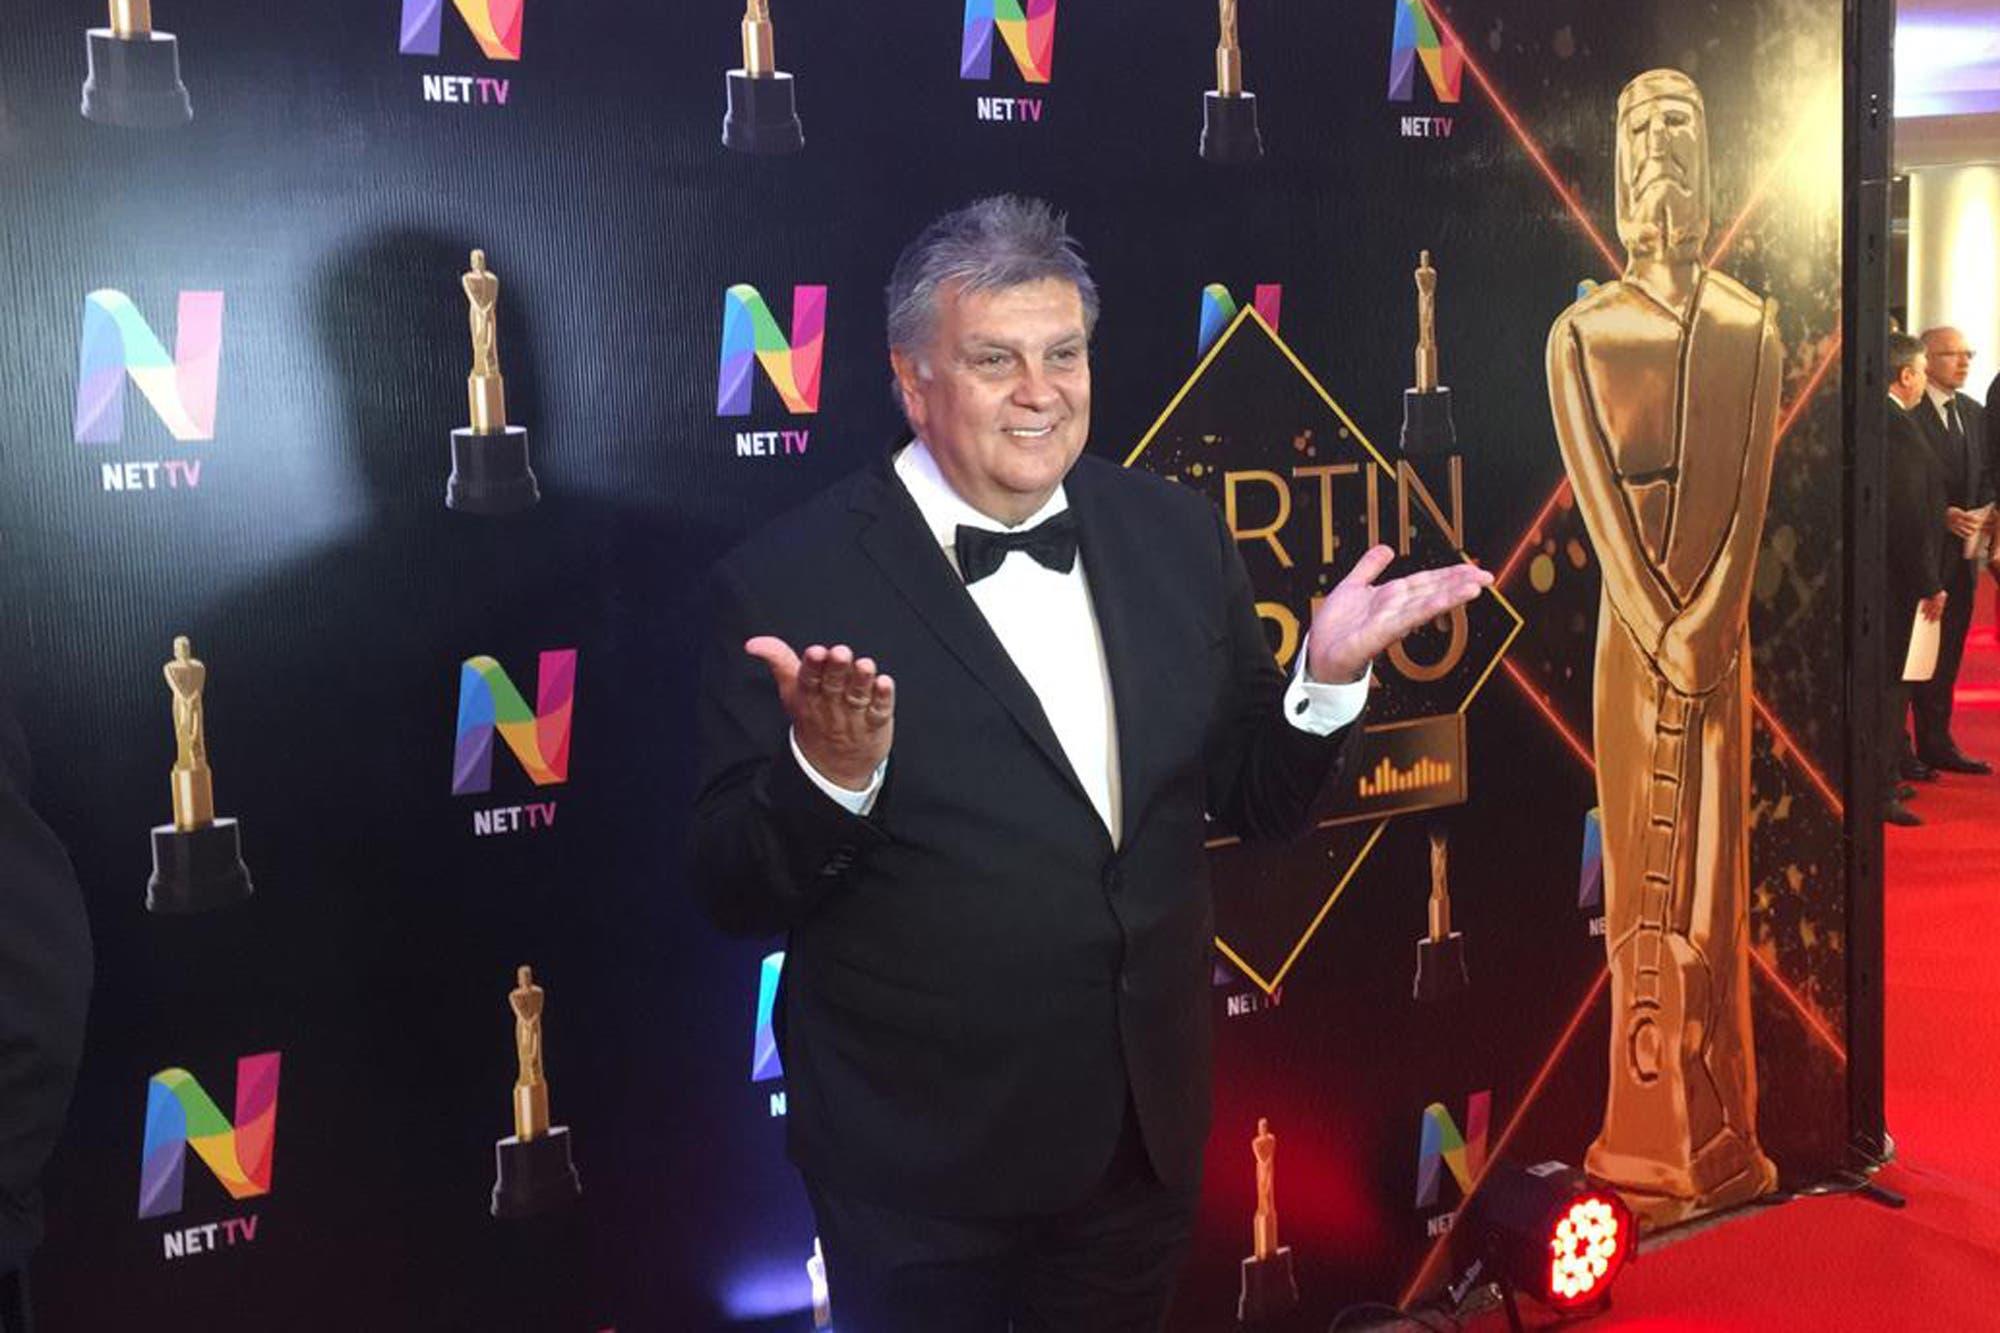 Martín Fierro a la Radio 2018: sin hacer alusión a su renuncia, Luis Ventura dio por iniciada la ceremonia